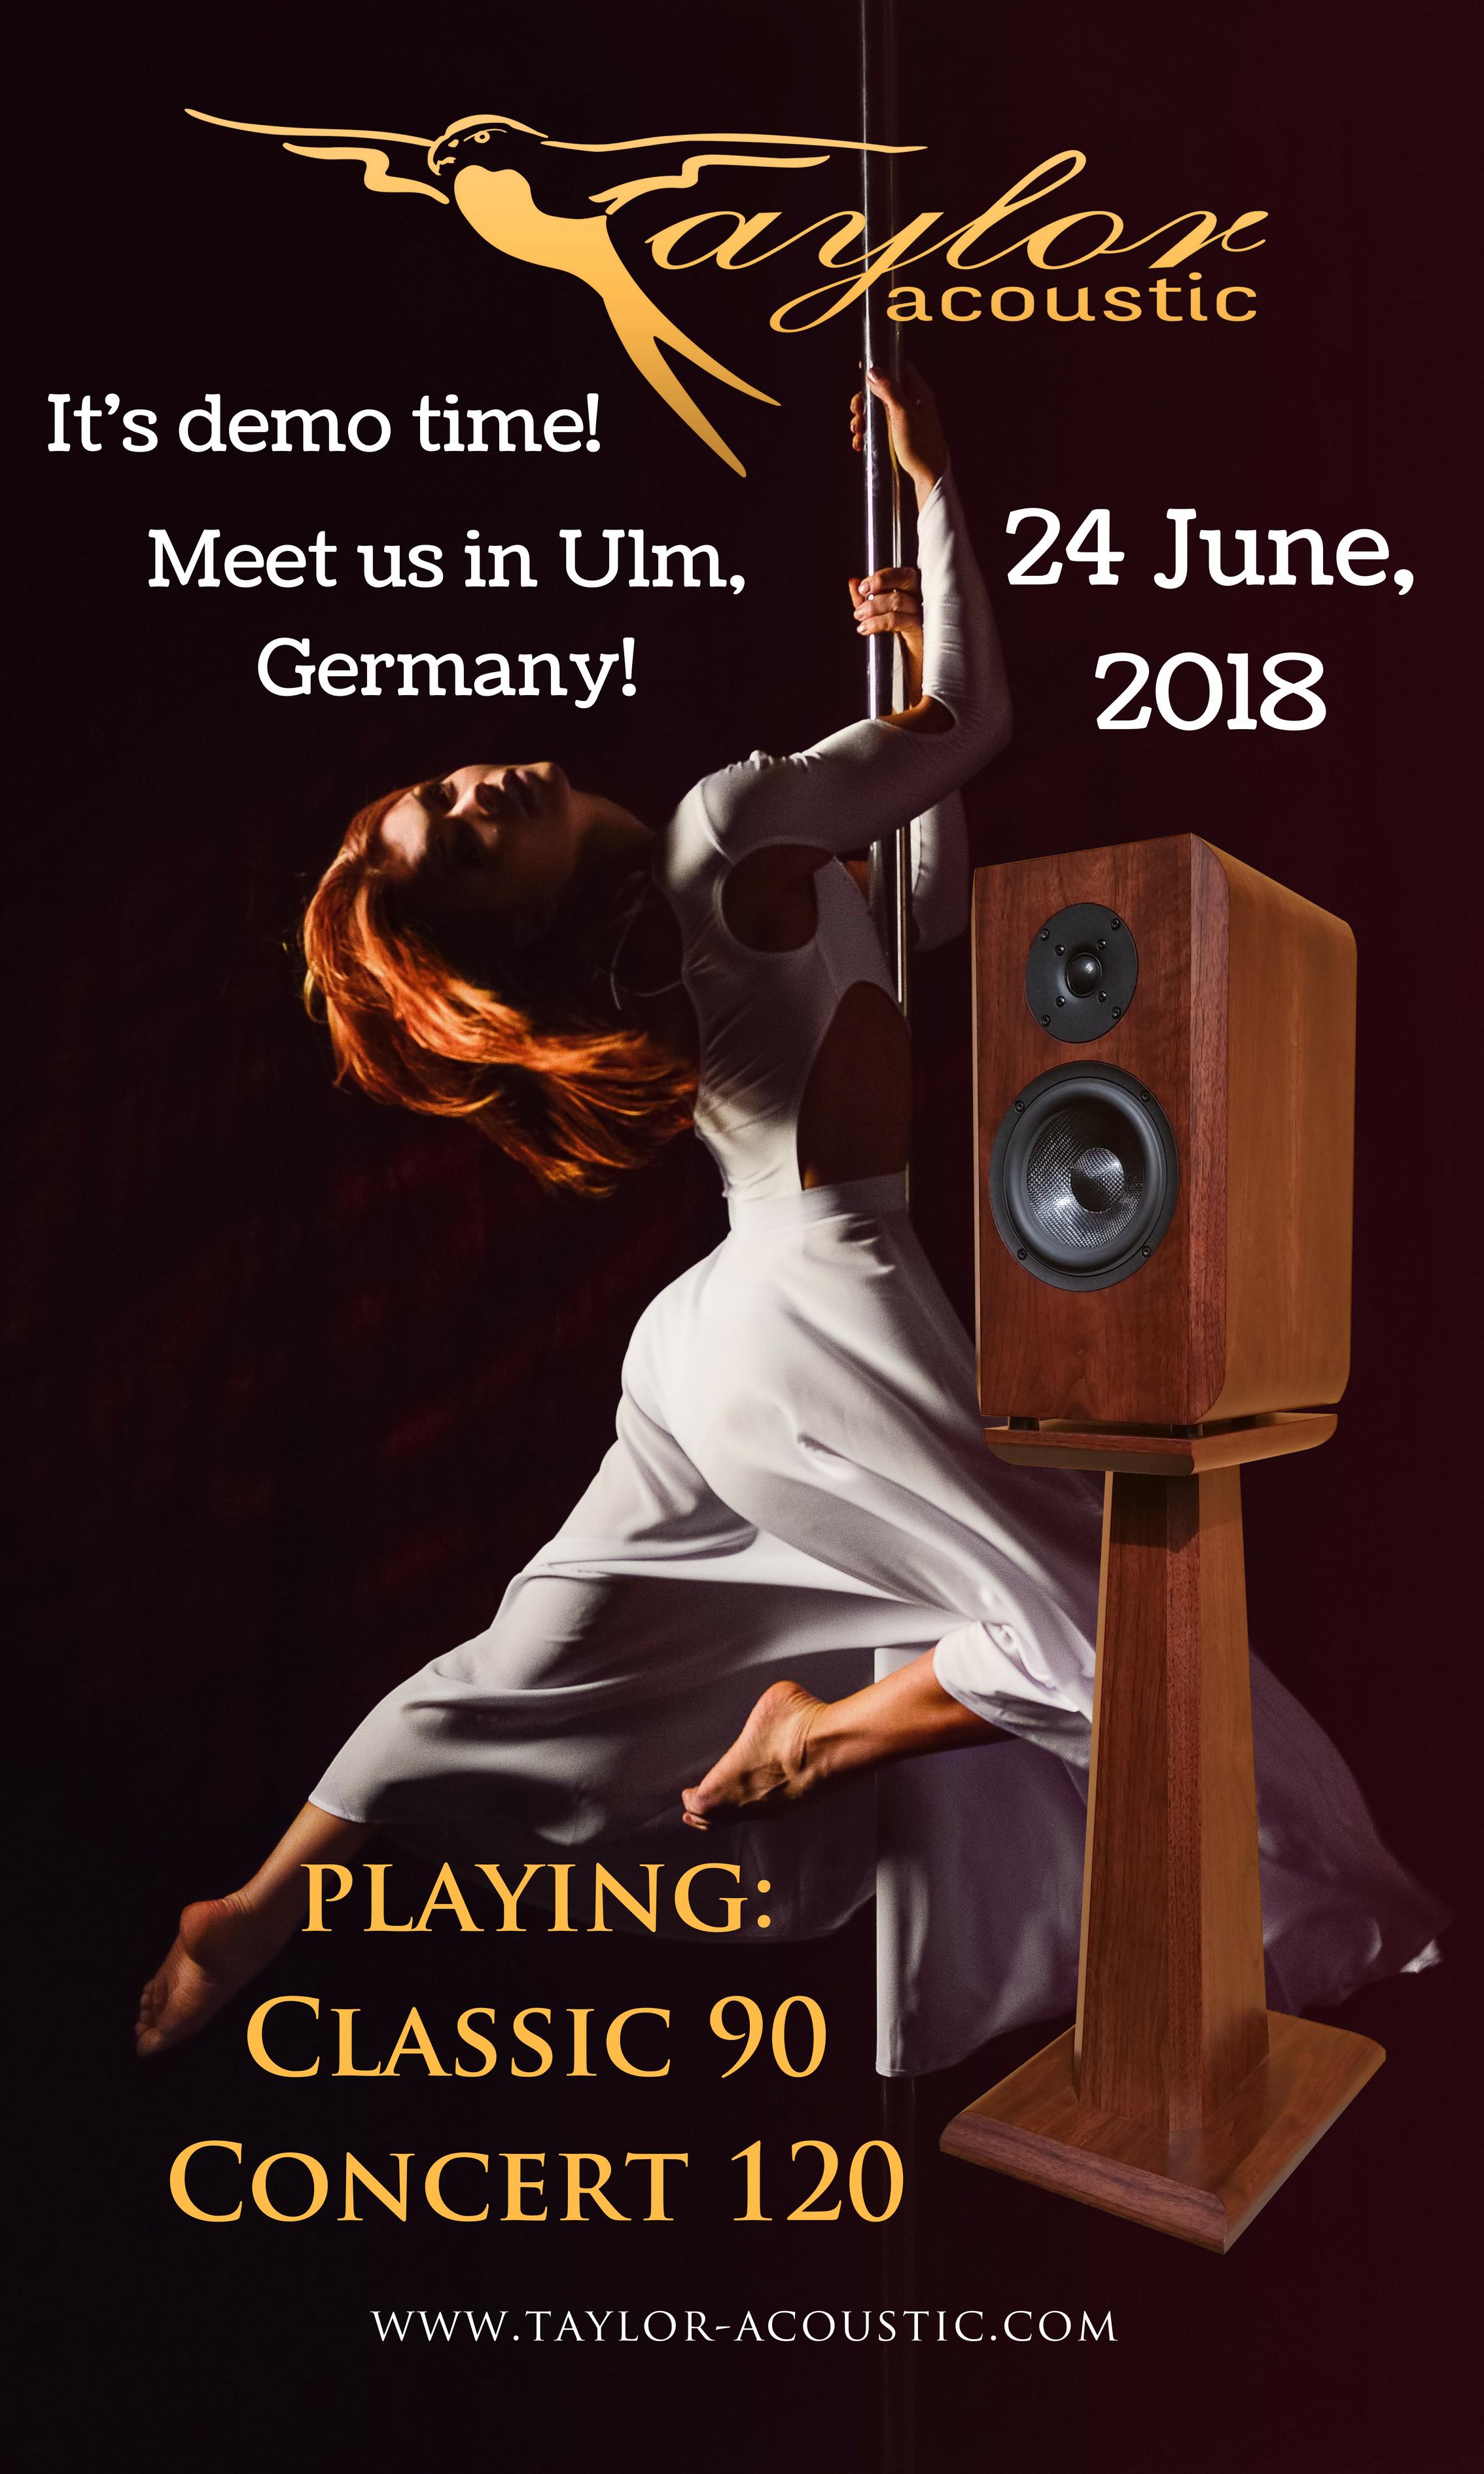 Taylor Acoustic demo in Ulm, Germany, 2018 June 24